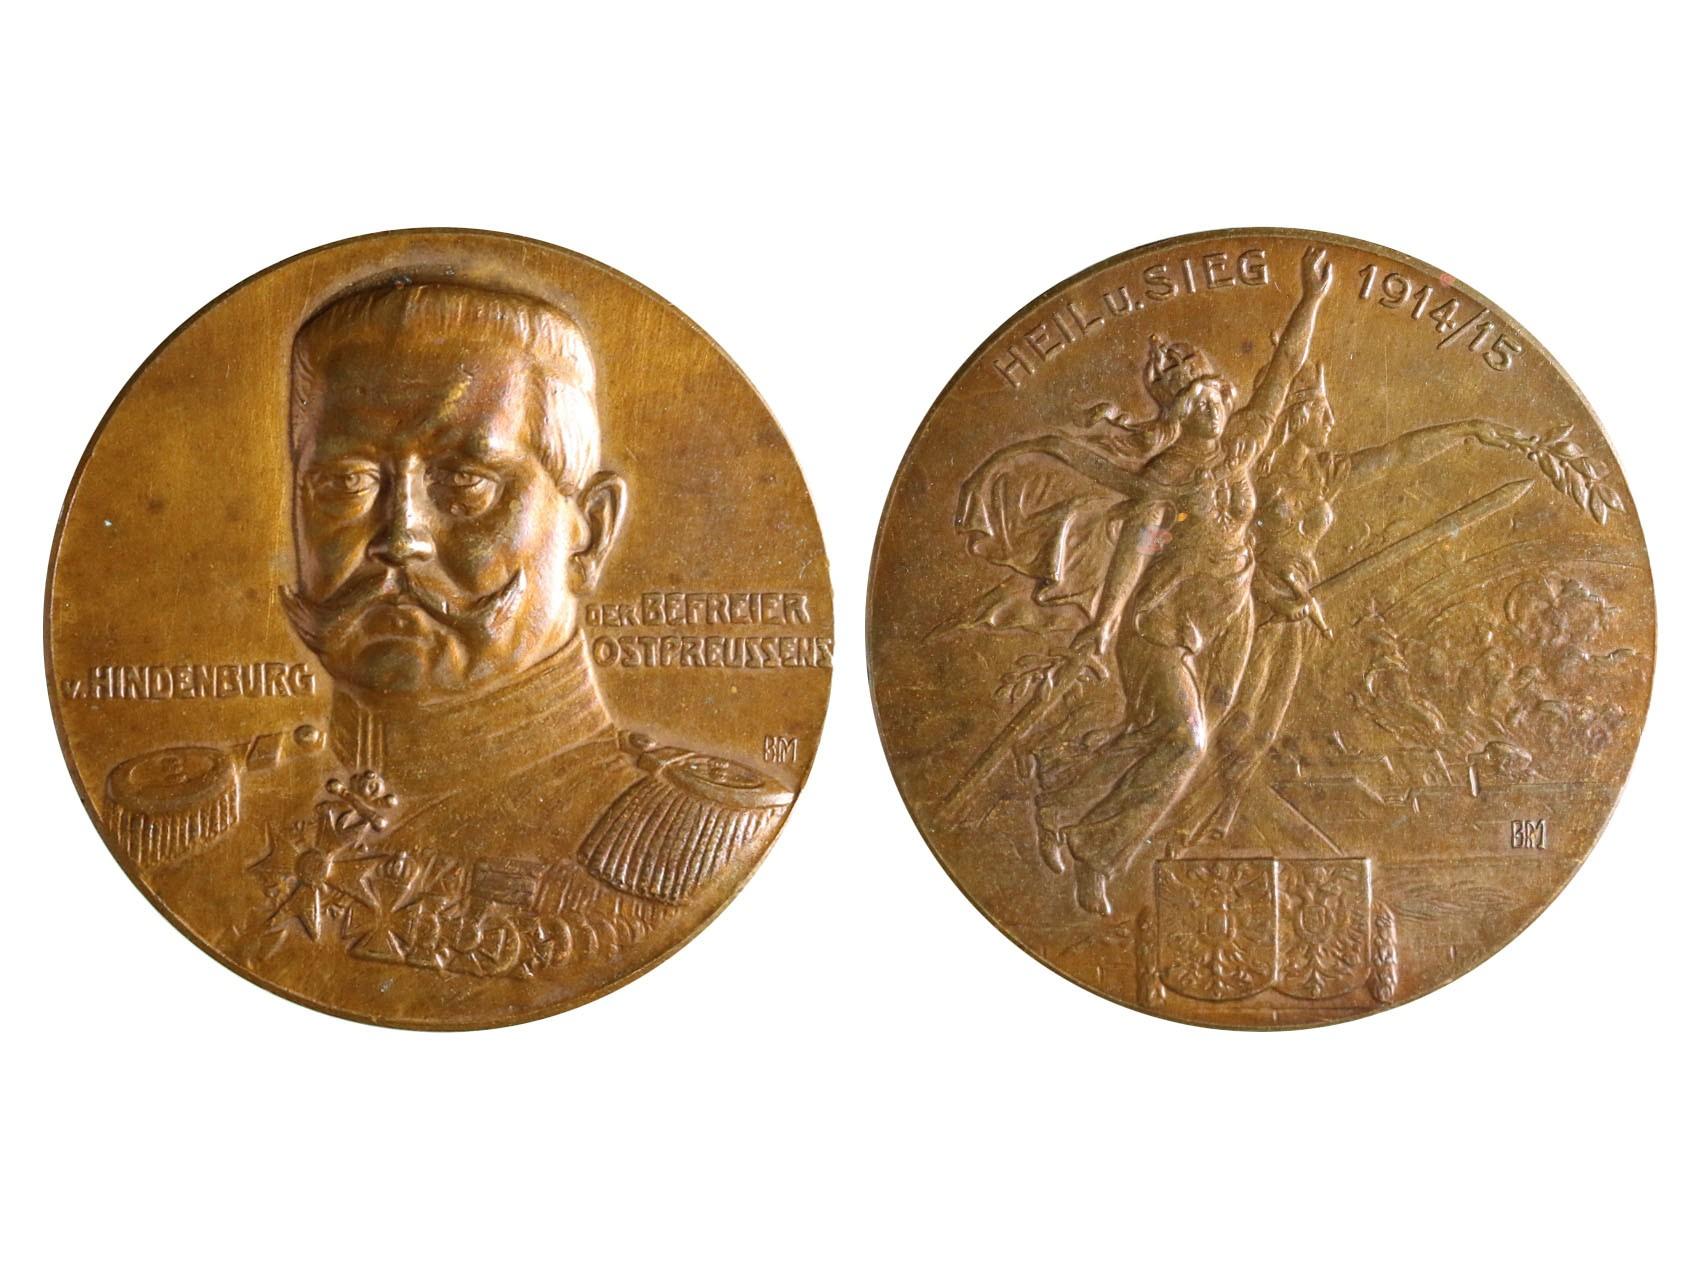 Osobnosti - Paul von Hindenburg 1847-1934, AE medaile 1915, poprsí zleva, text / alegorie, znaky Německa a Rakouska, text, bronz 40 mm, značeno BM